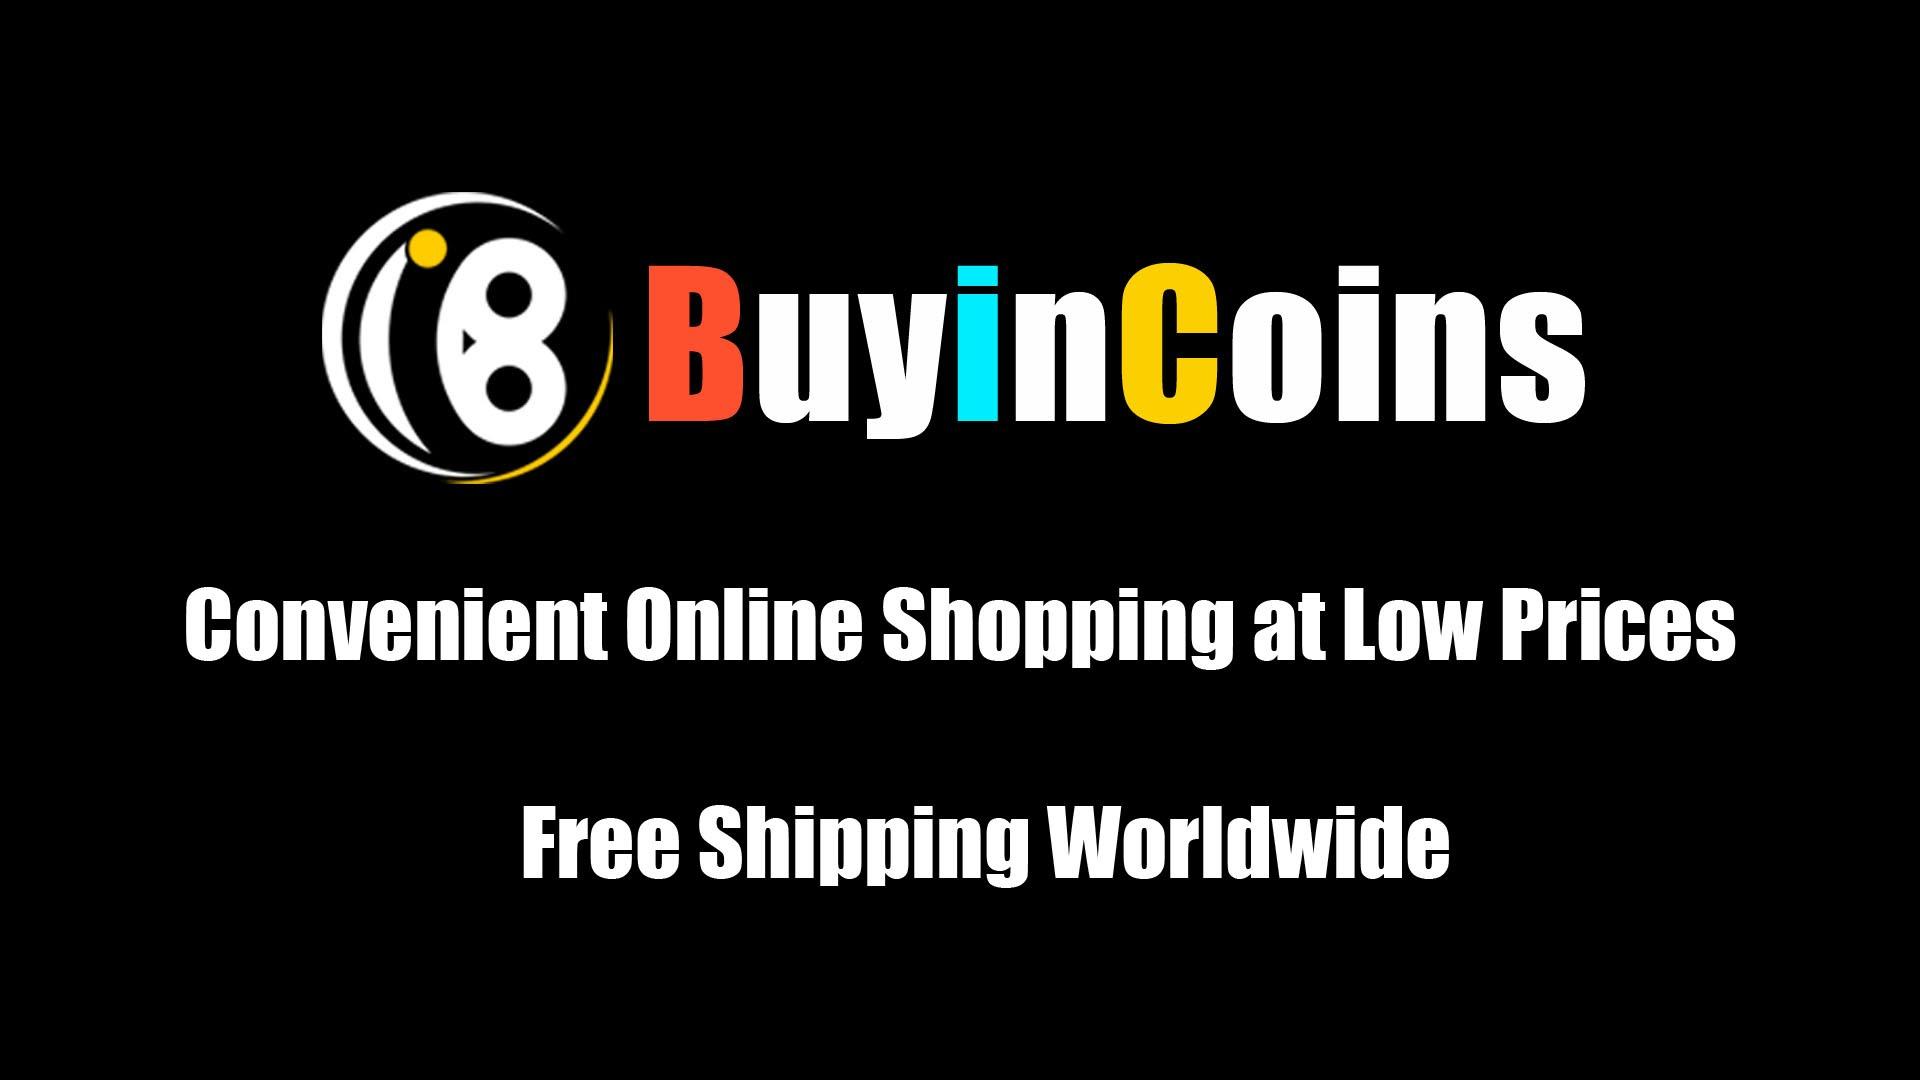 BuyinCoins - онлайн-магазин по продаже товаров из Китая